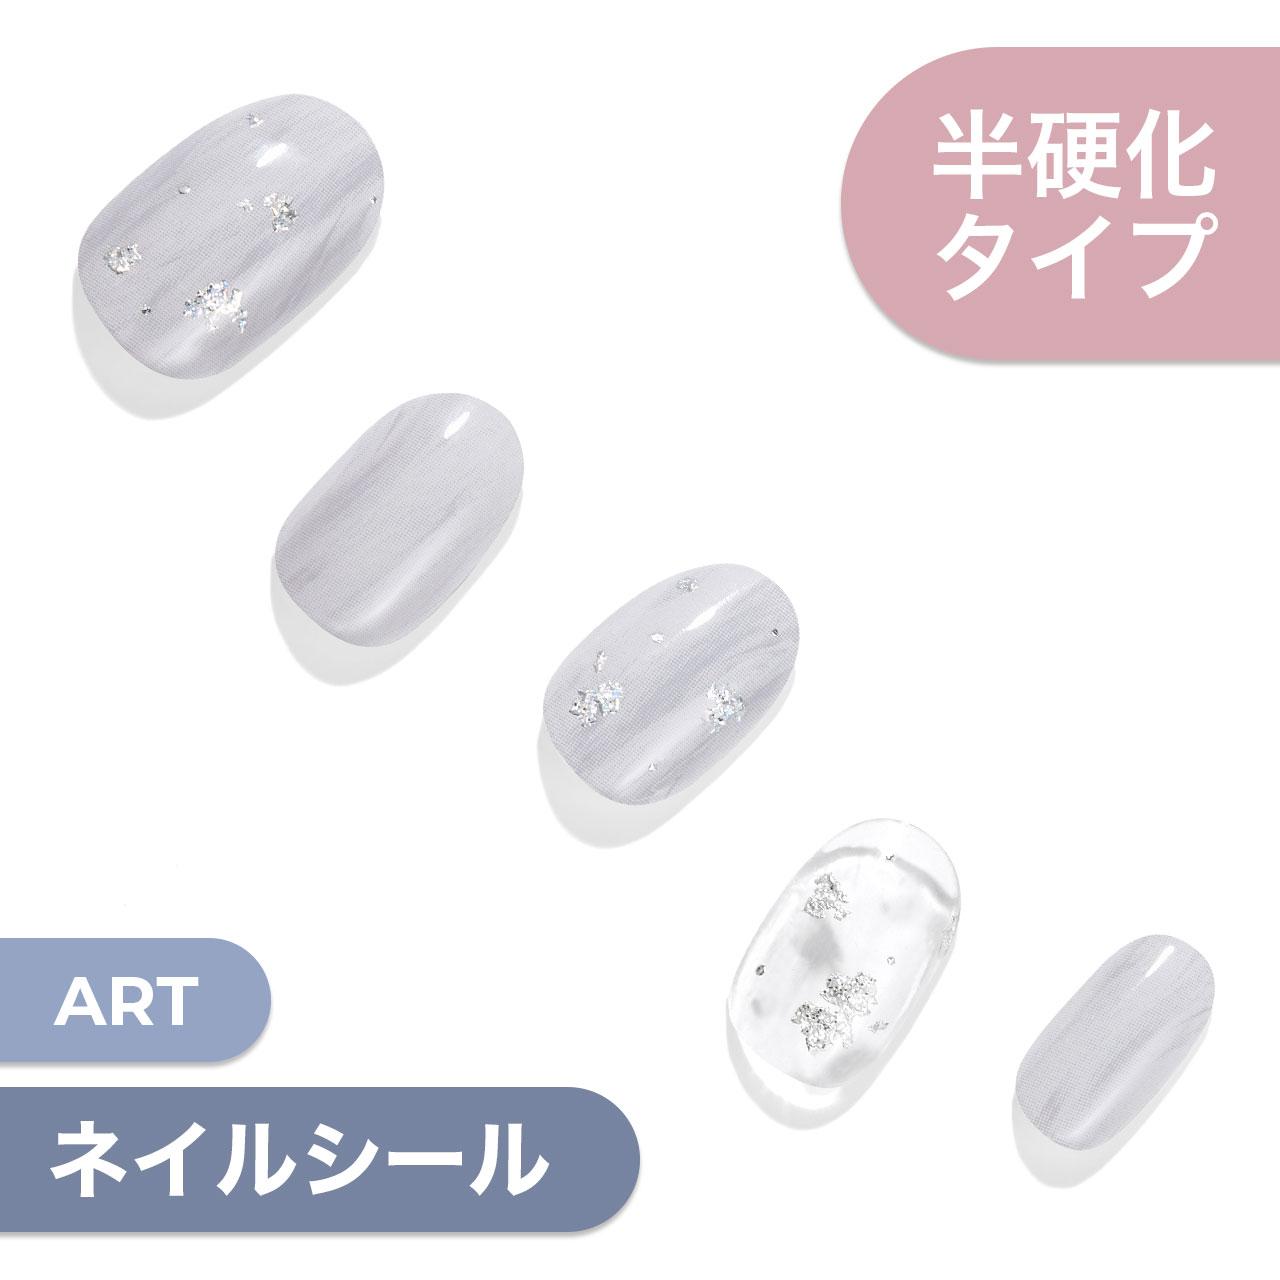 【Silver Marble】ダッシングディバグレーズ